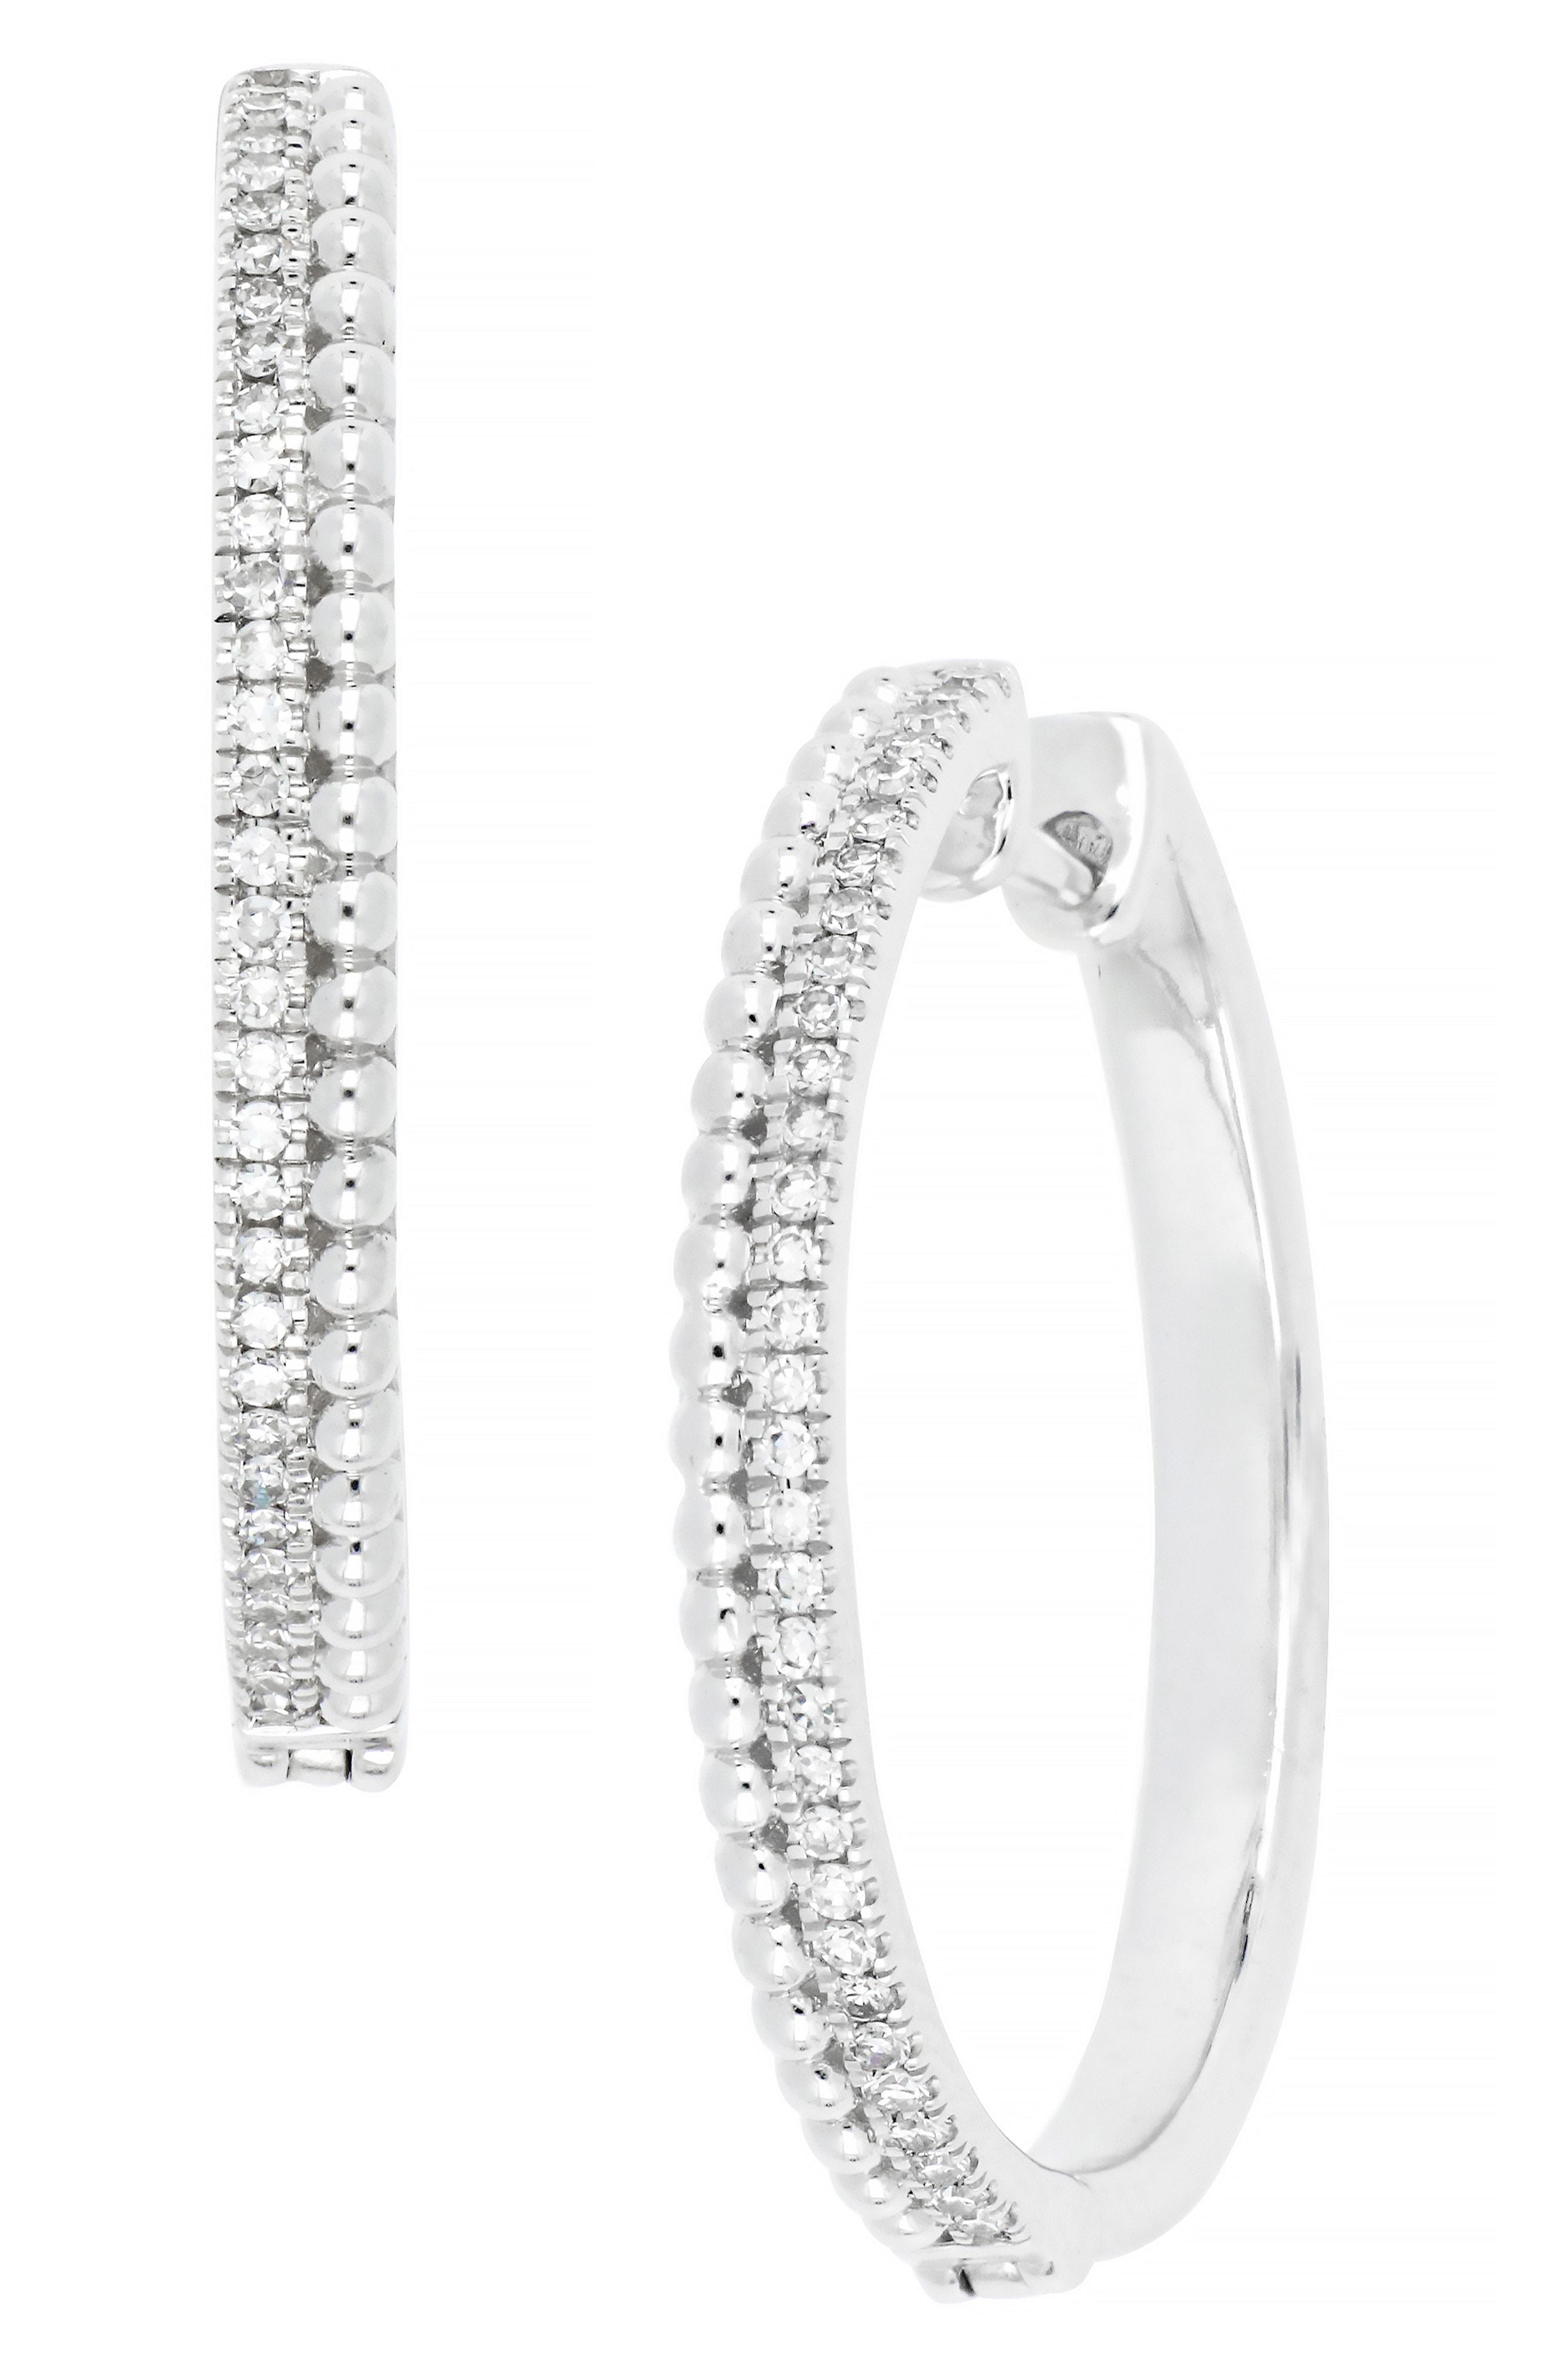 a94ce8e5d CARRIERE JEWELRY. Women's Carriere Medium Diamond Hoop Earrings ...